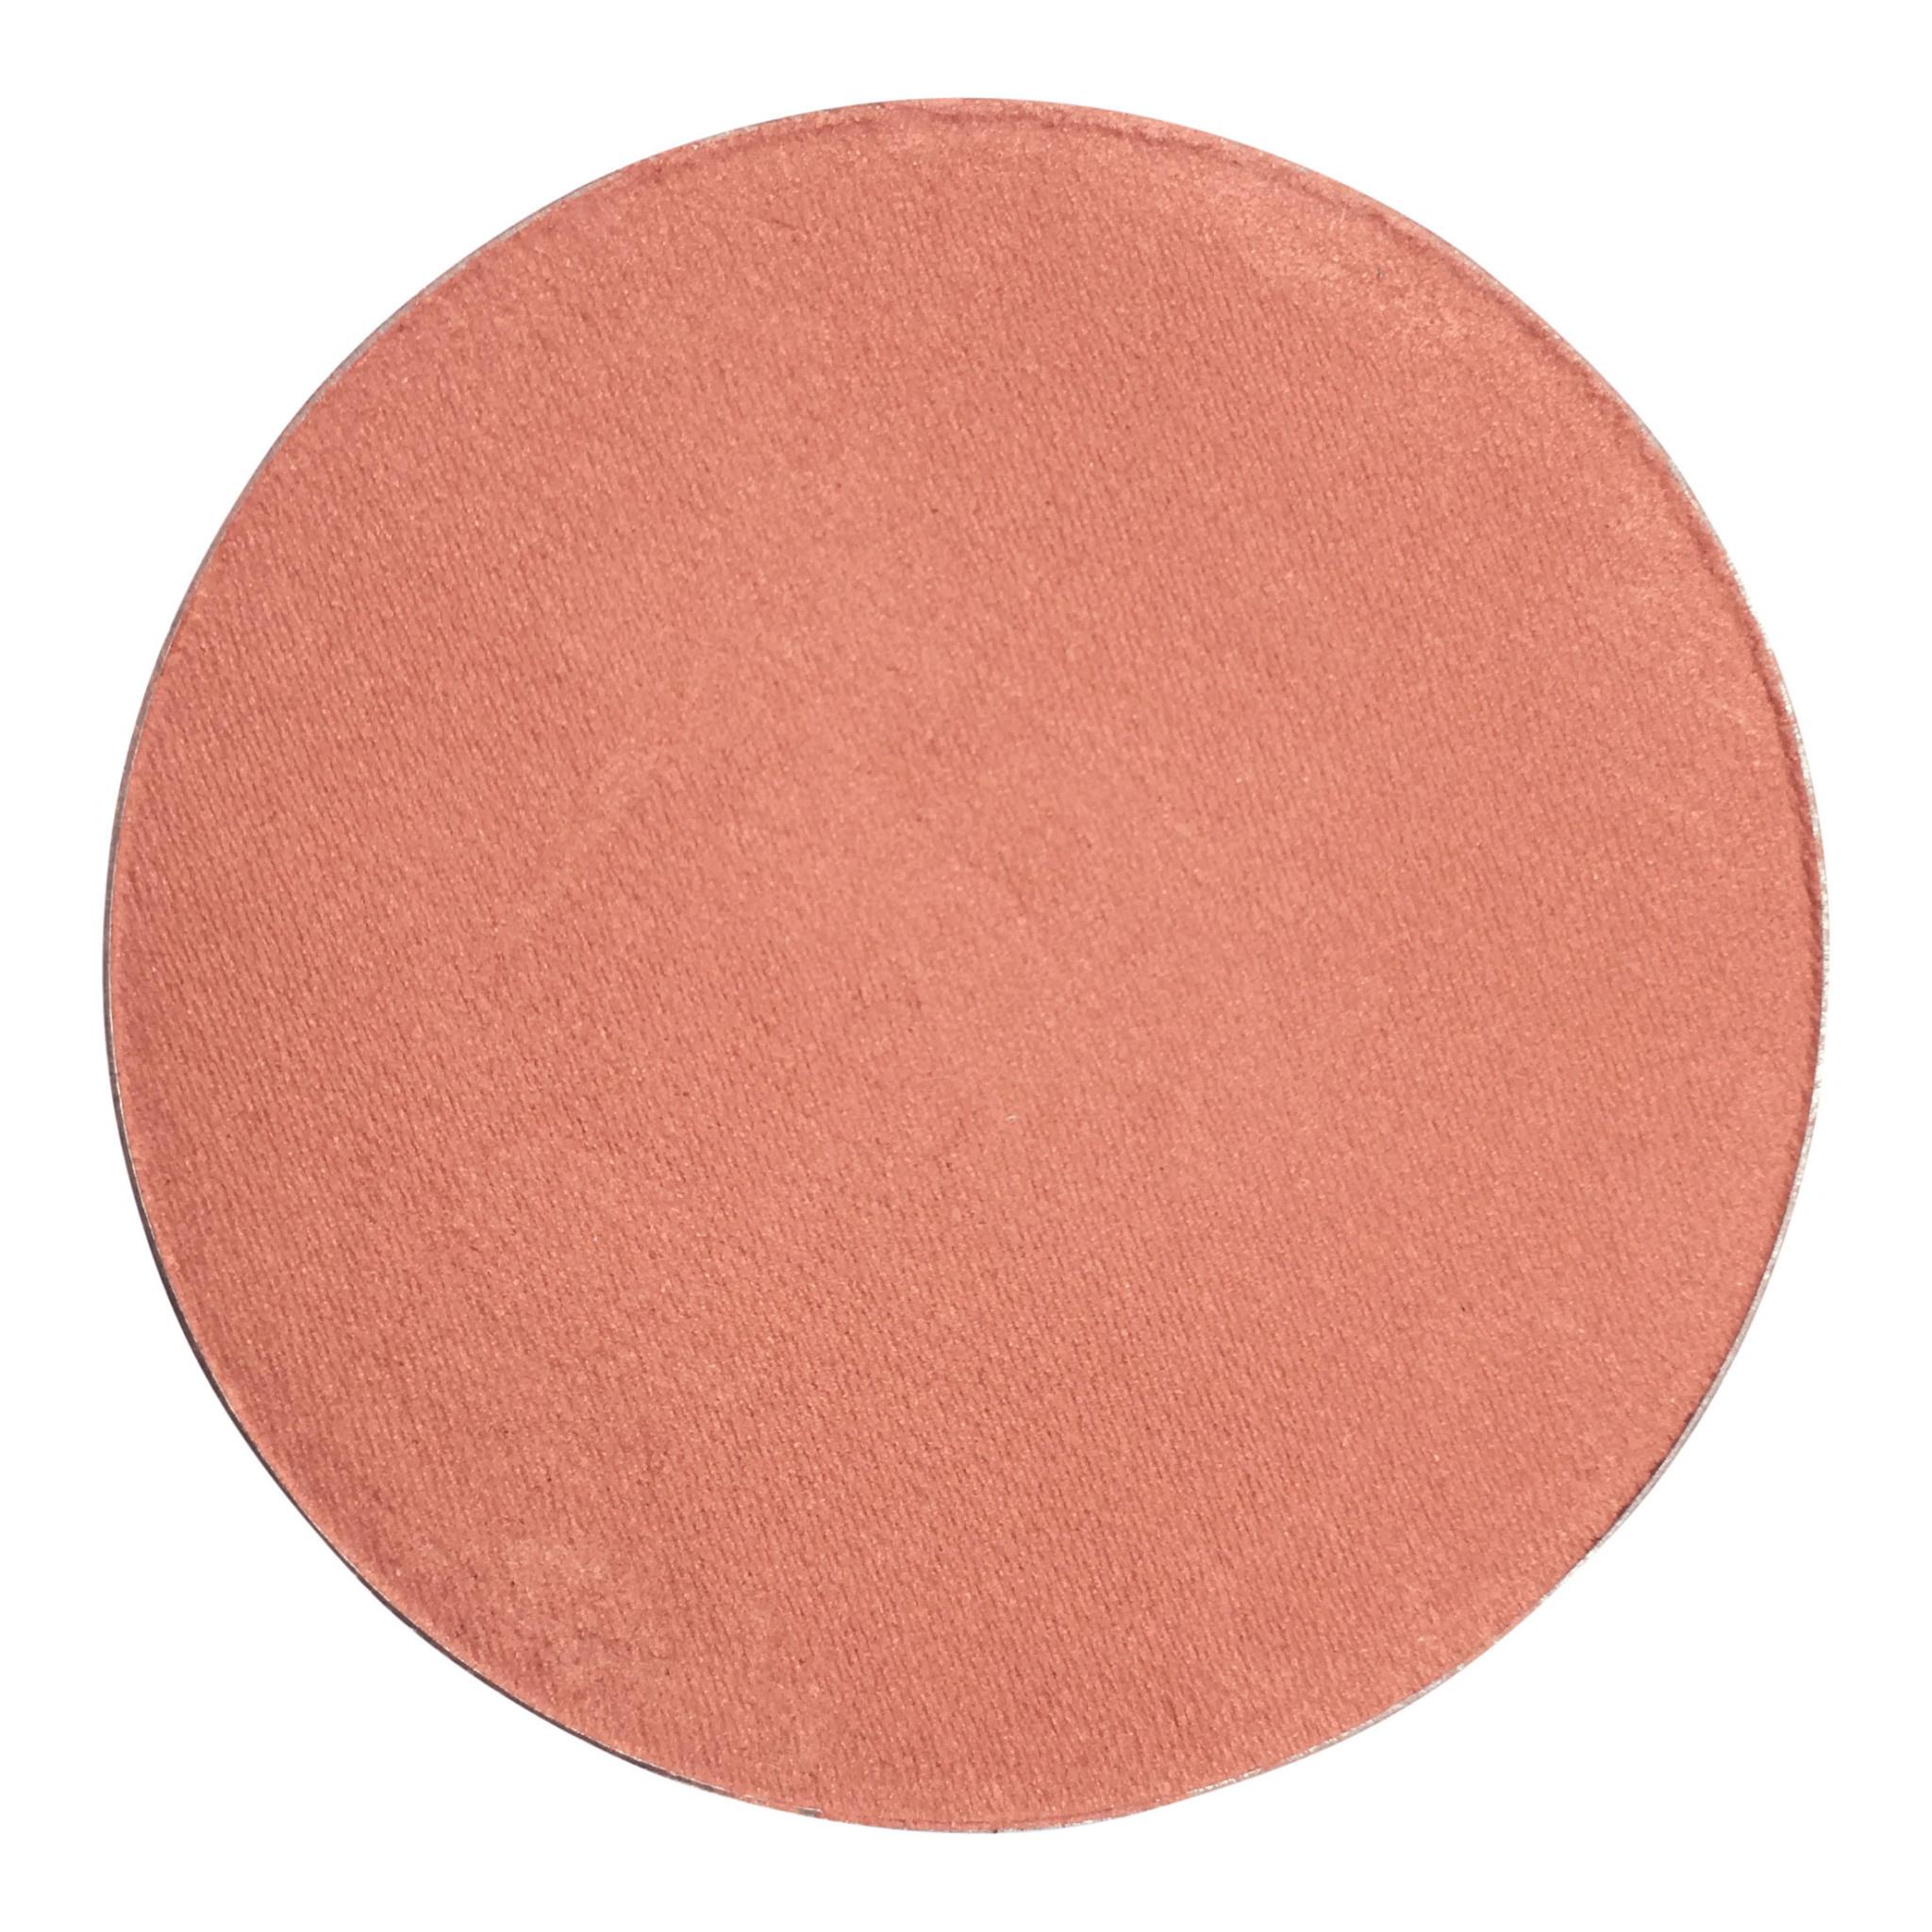 Fresh Mandarin Pressed Blush-1